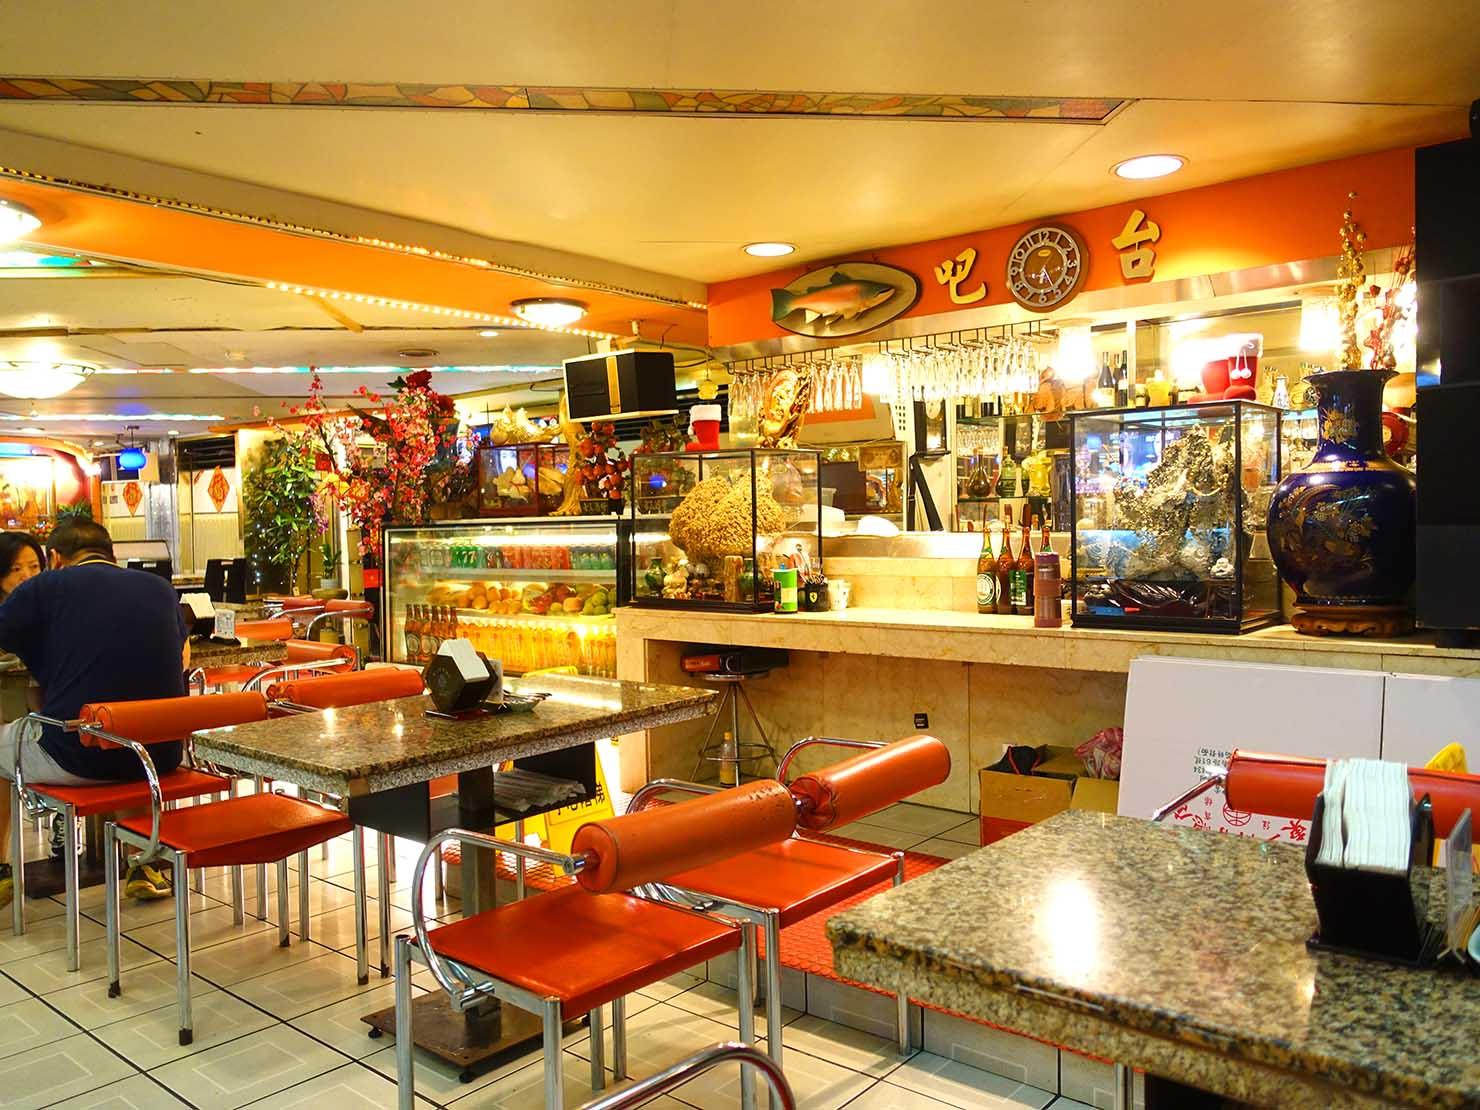 台北・西門町にある排骨飯の老舗「東一排骨總店」のバーカウンター